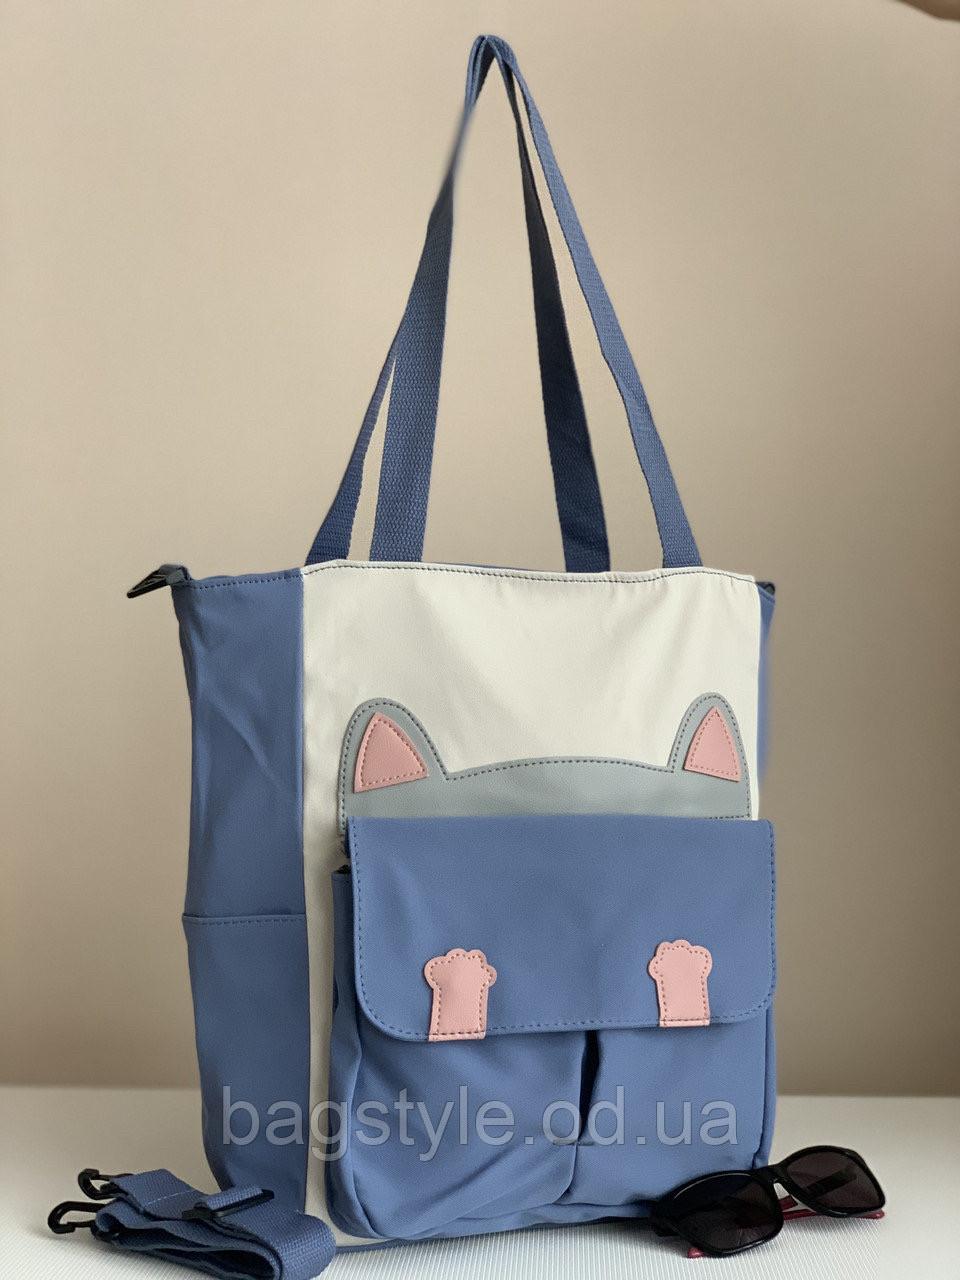 Тканинна сумка шоппер з котом